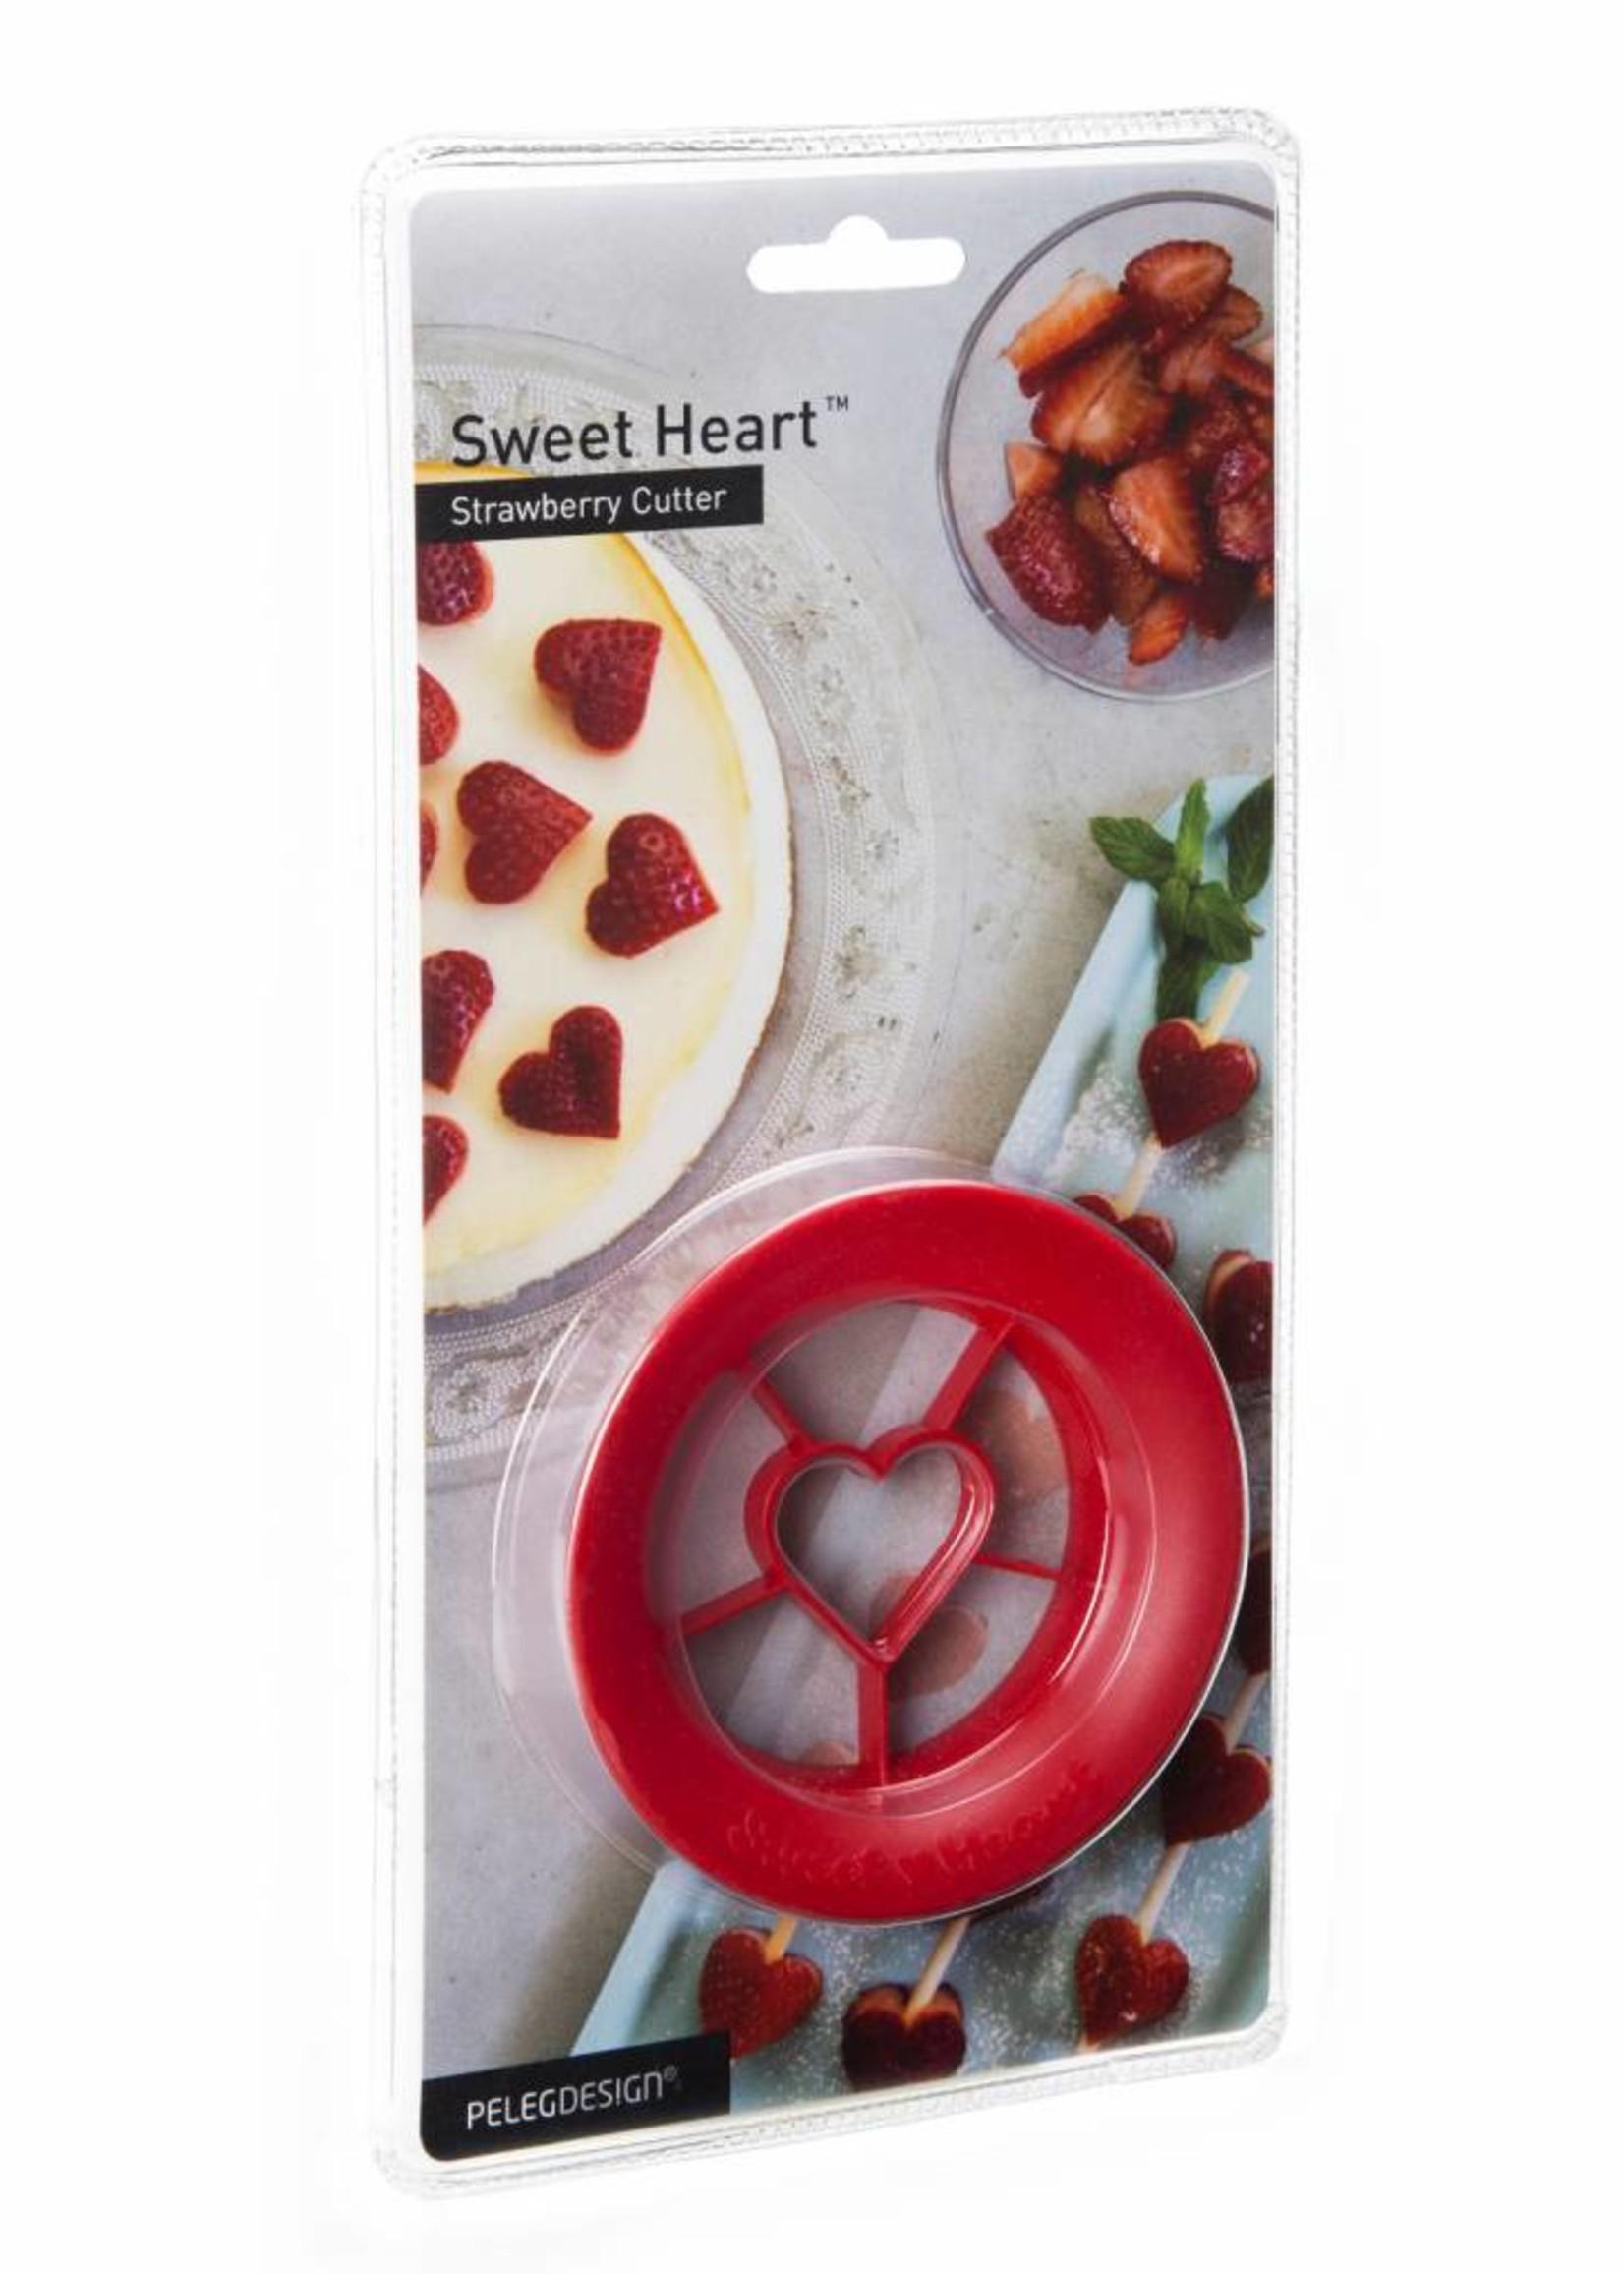 Peleg Design Sweet Heart strawberry cutter